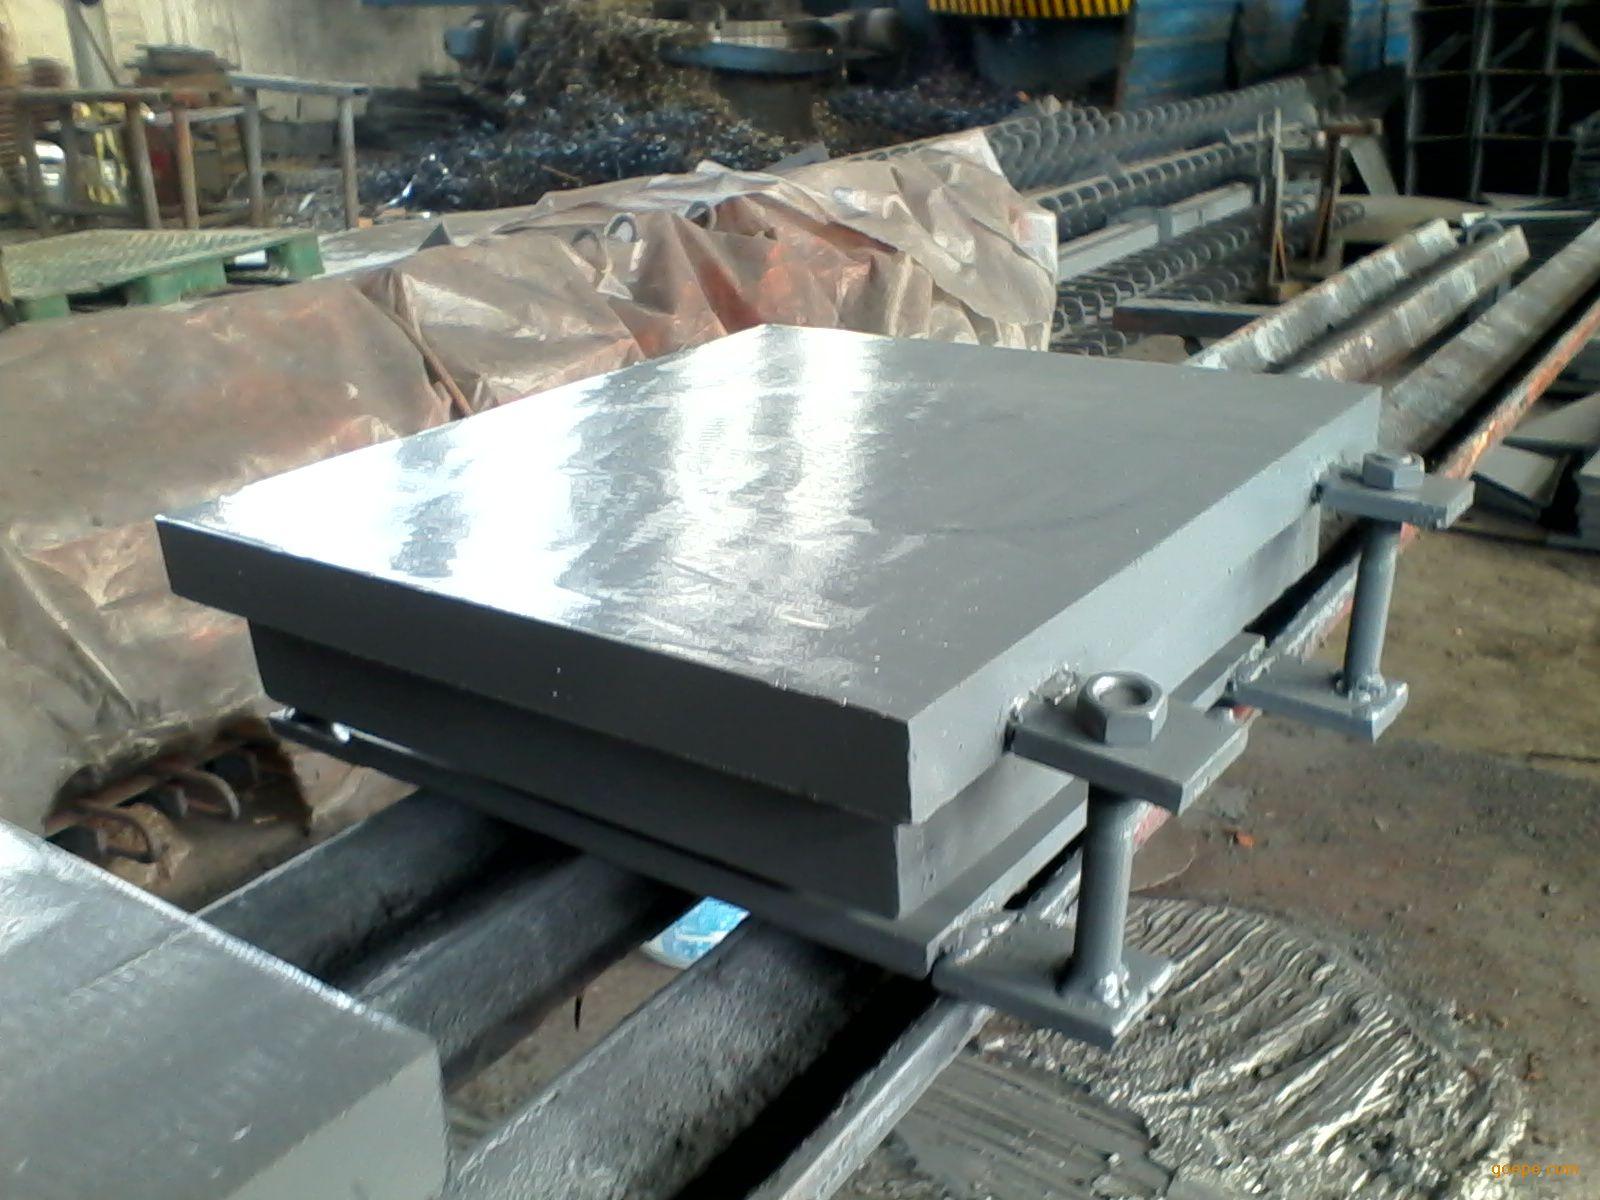 景观材料 钢结构/膜结构 衡水红海工程橡塑有限公司 产品展示 钢支座